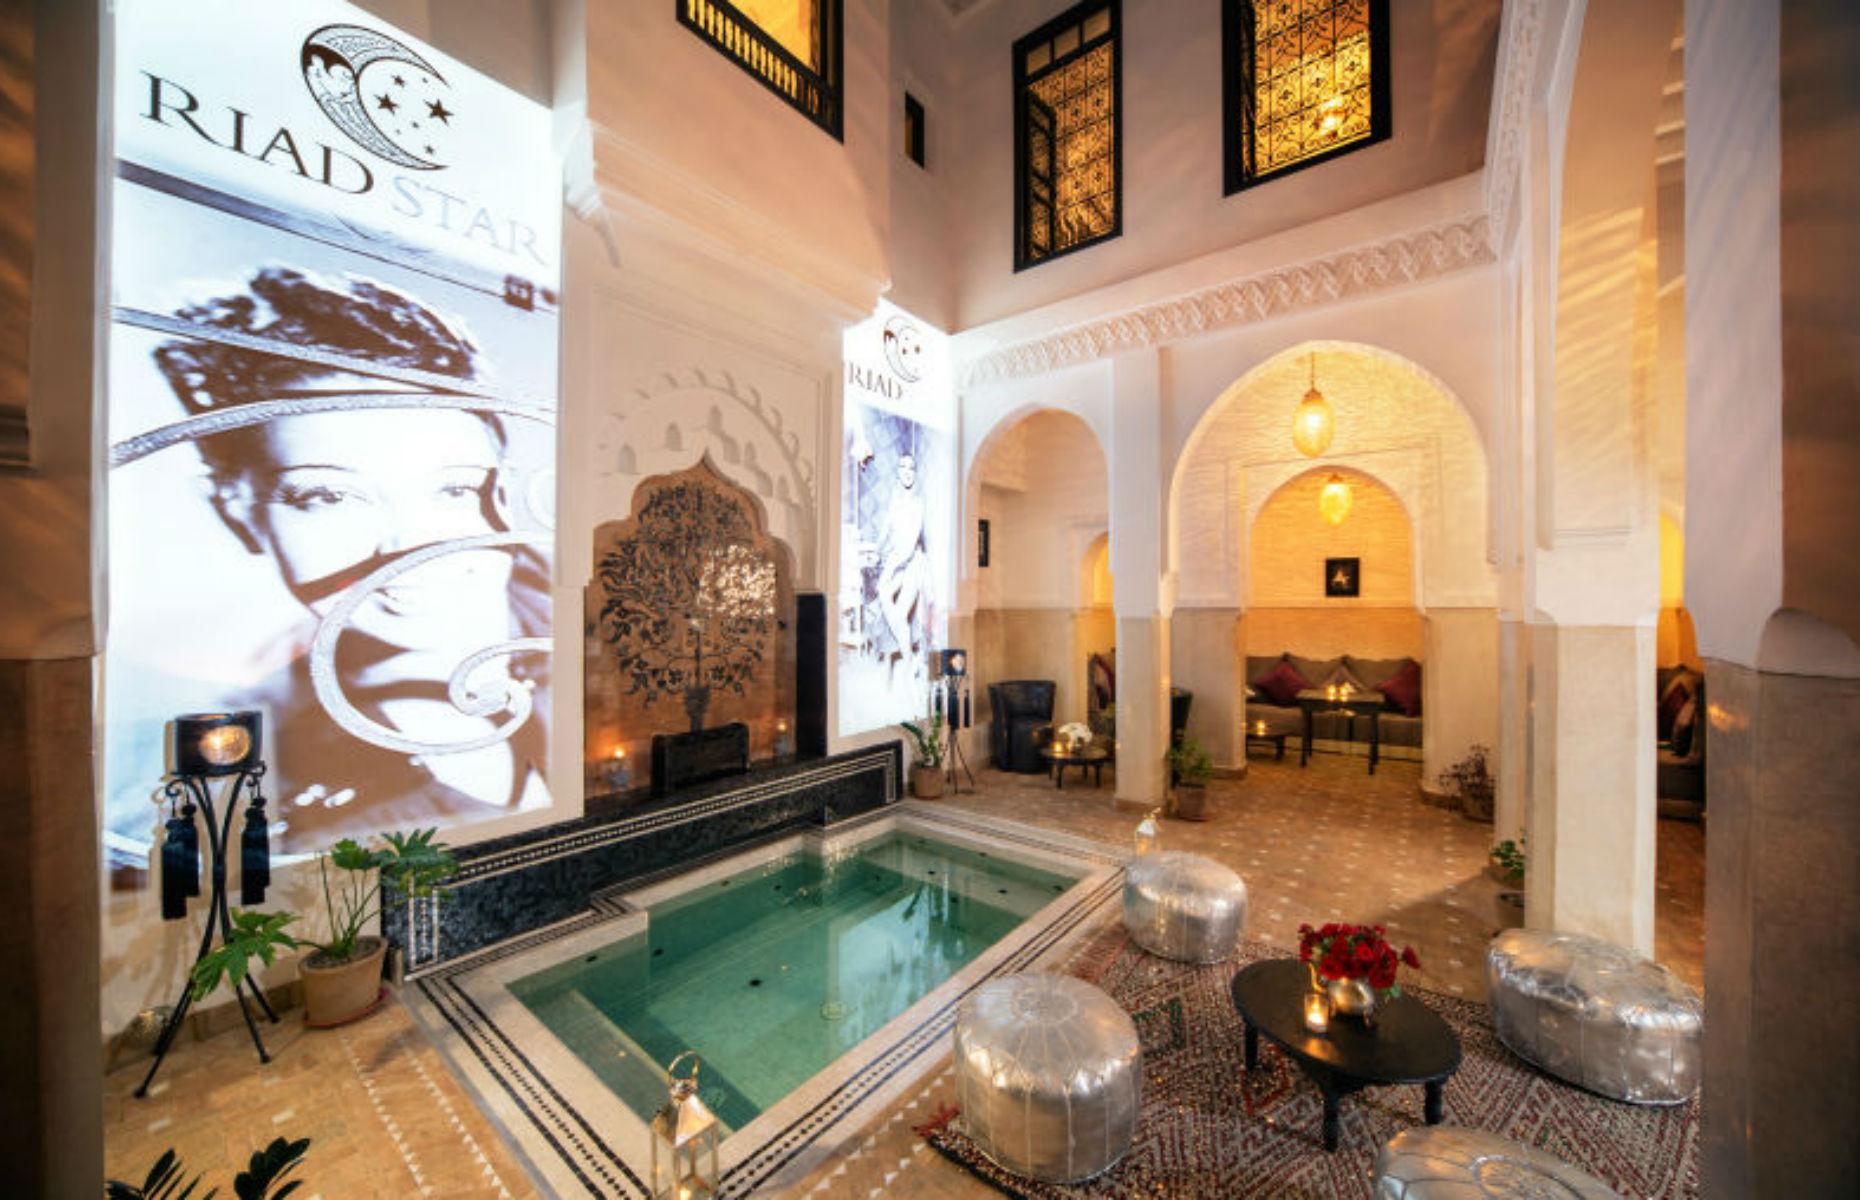 Riad Star Morocco